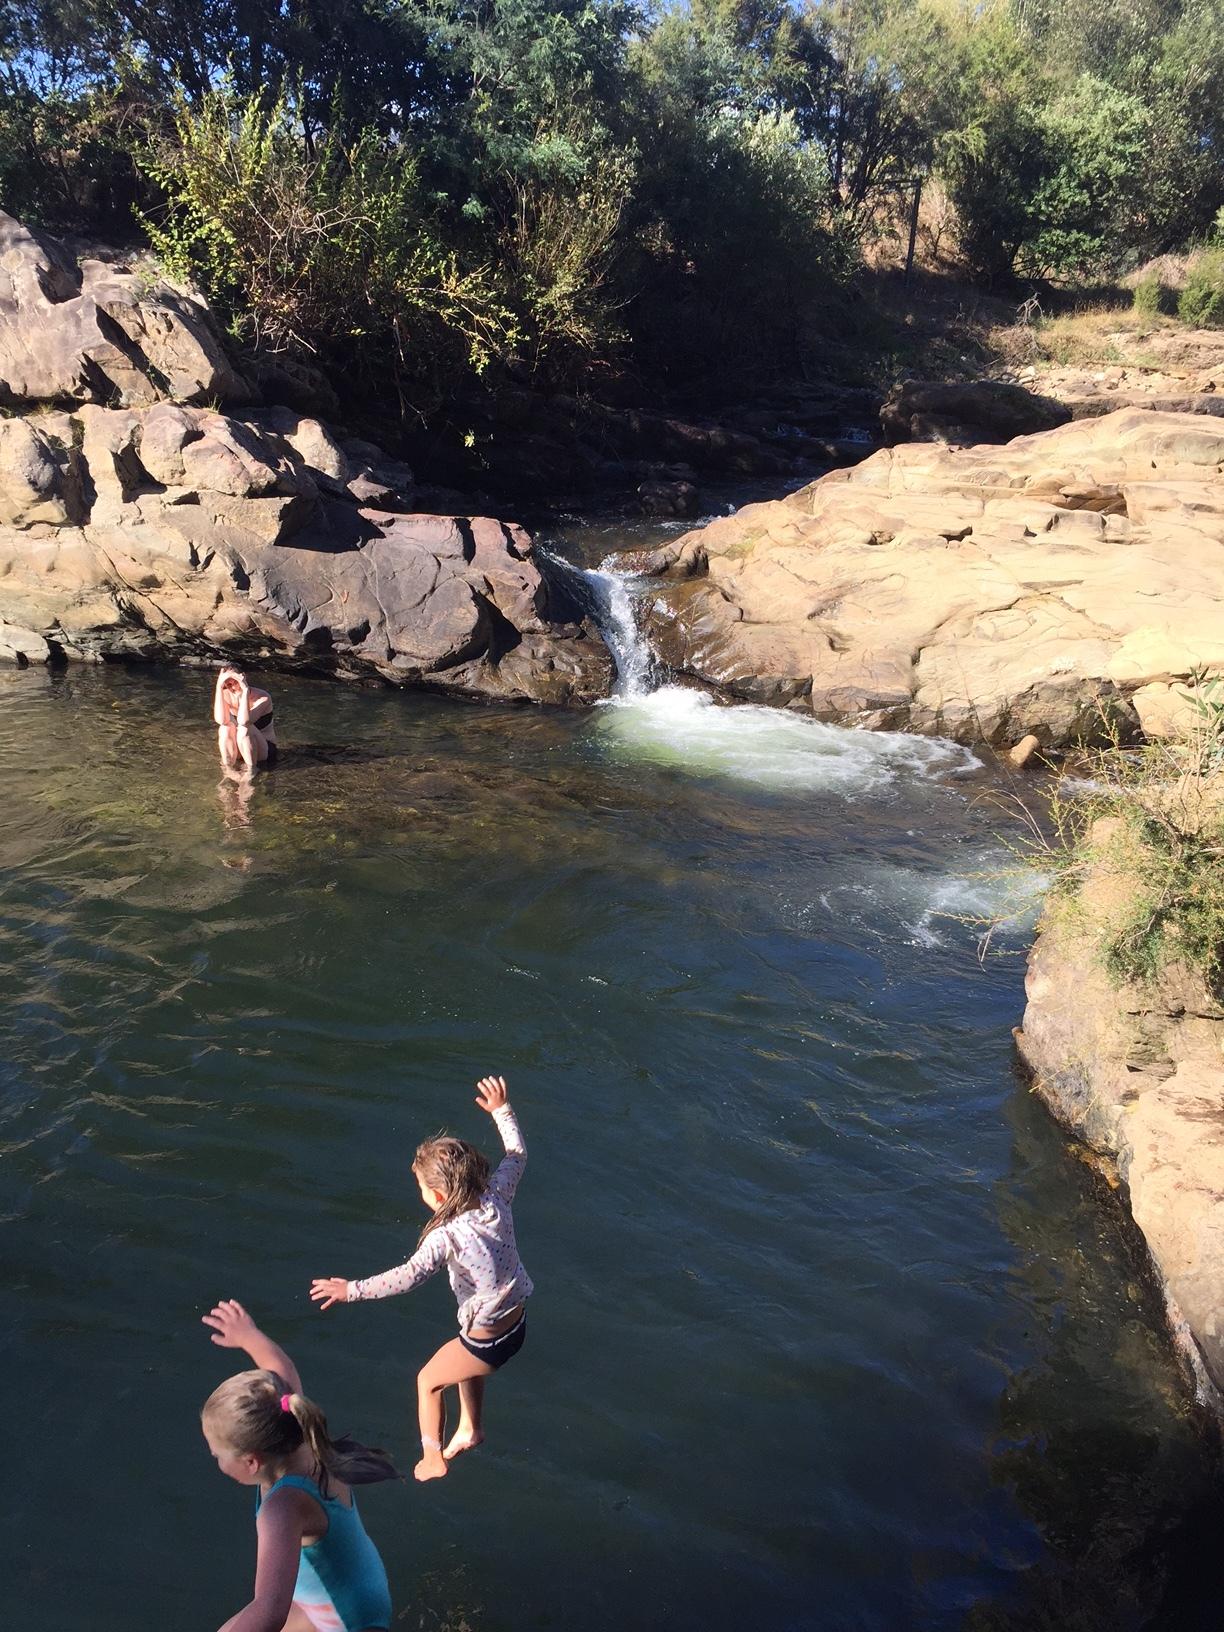 Rock jumping at Sinclairs waterhole